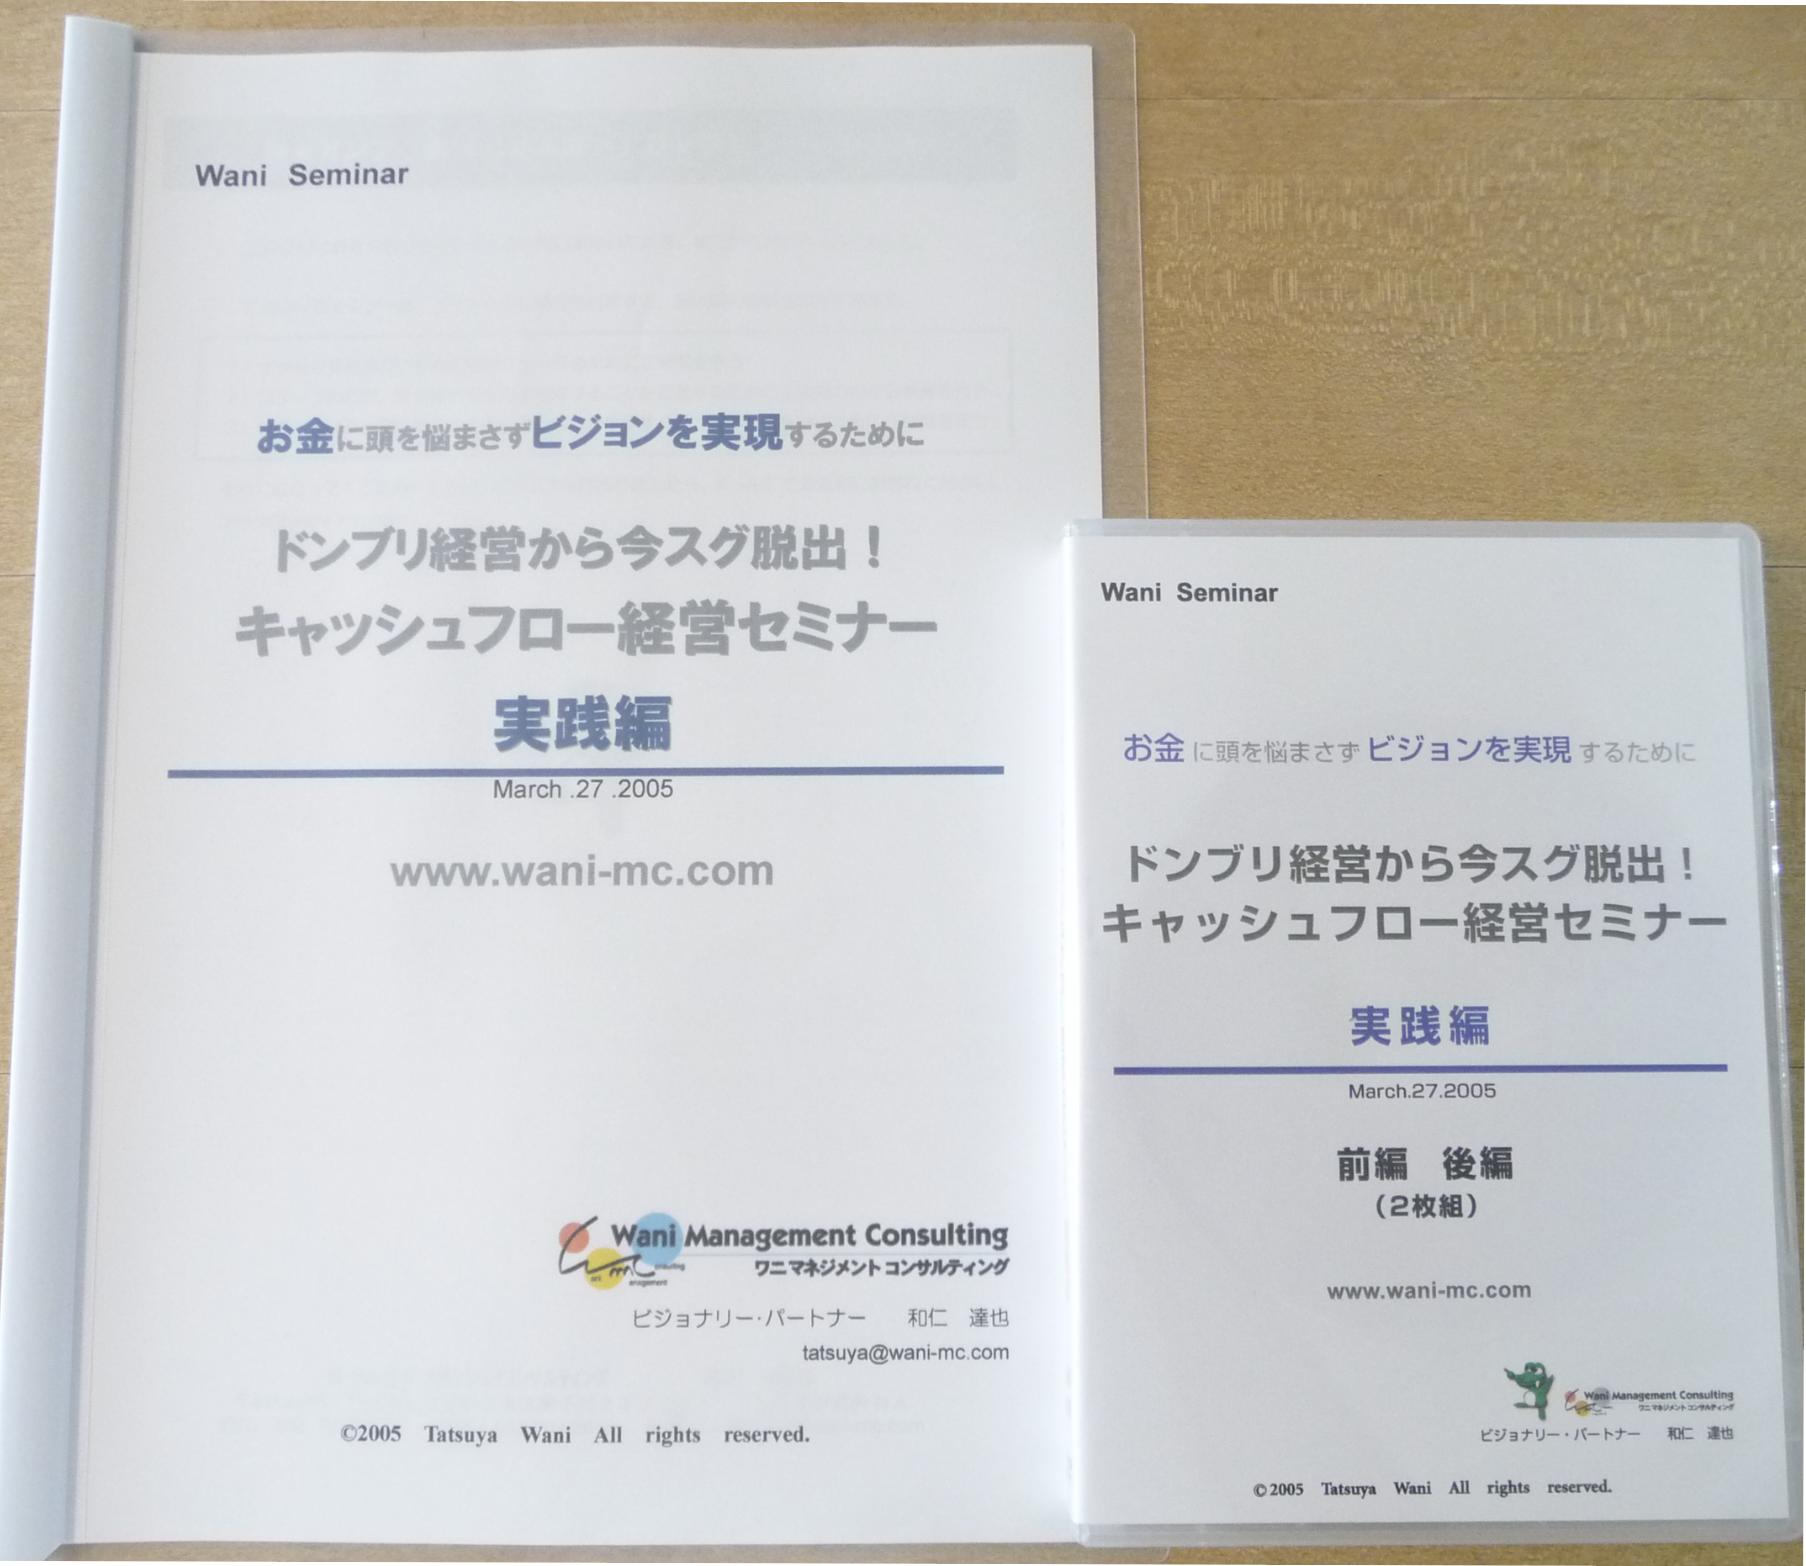 キャッシュフロー経営セミナー実践編